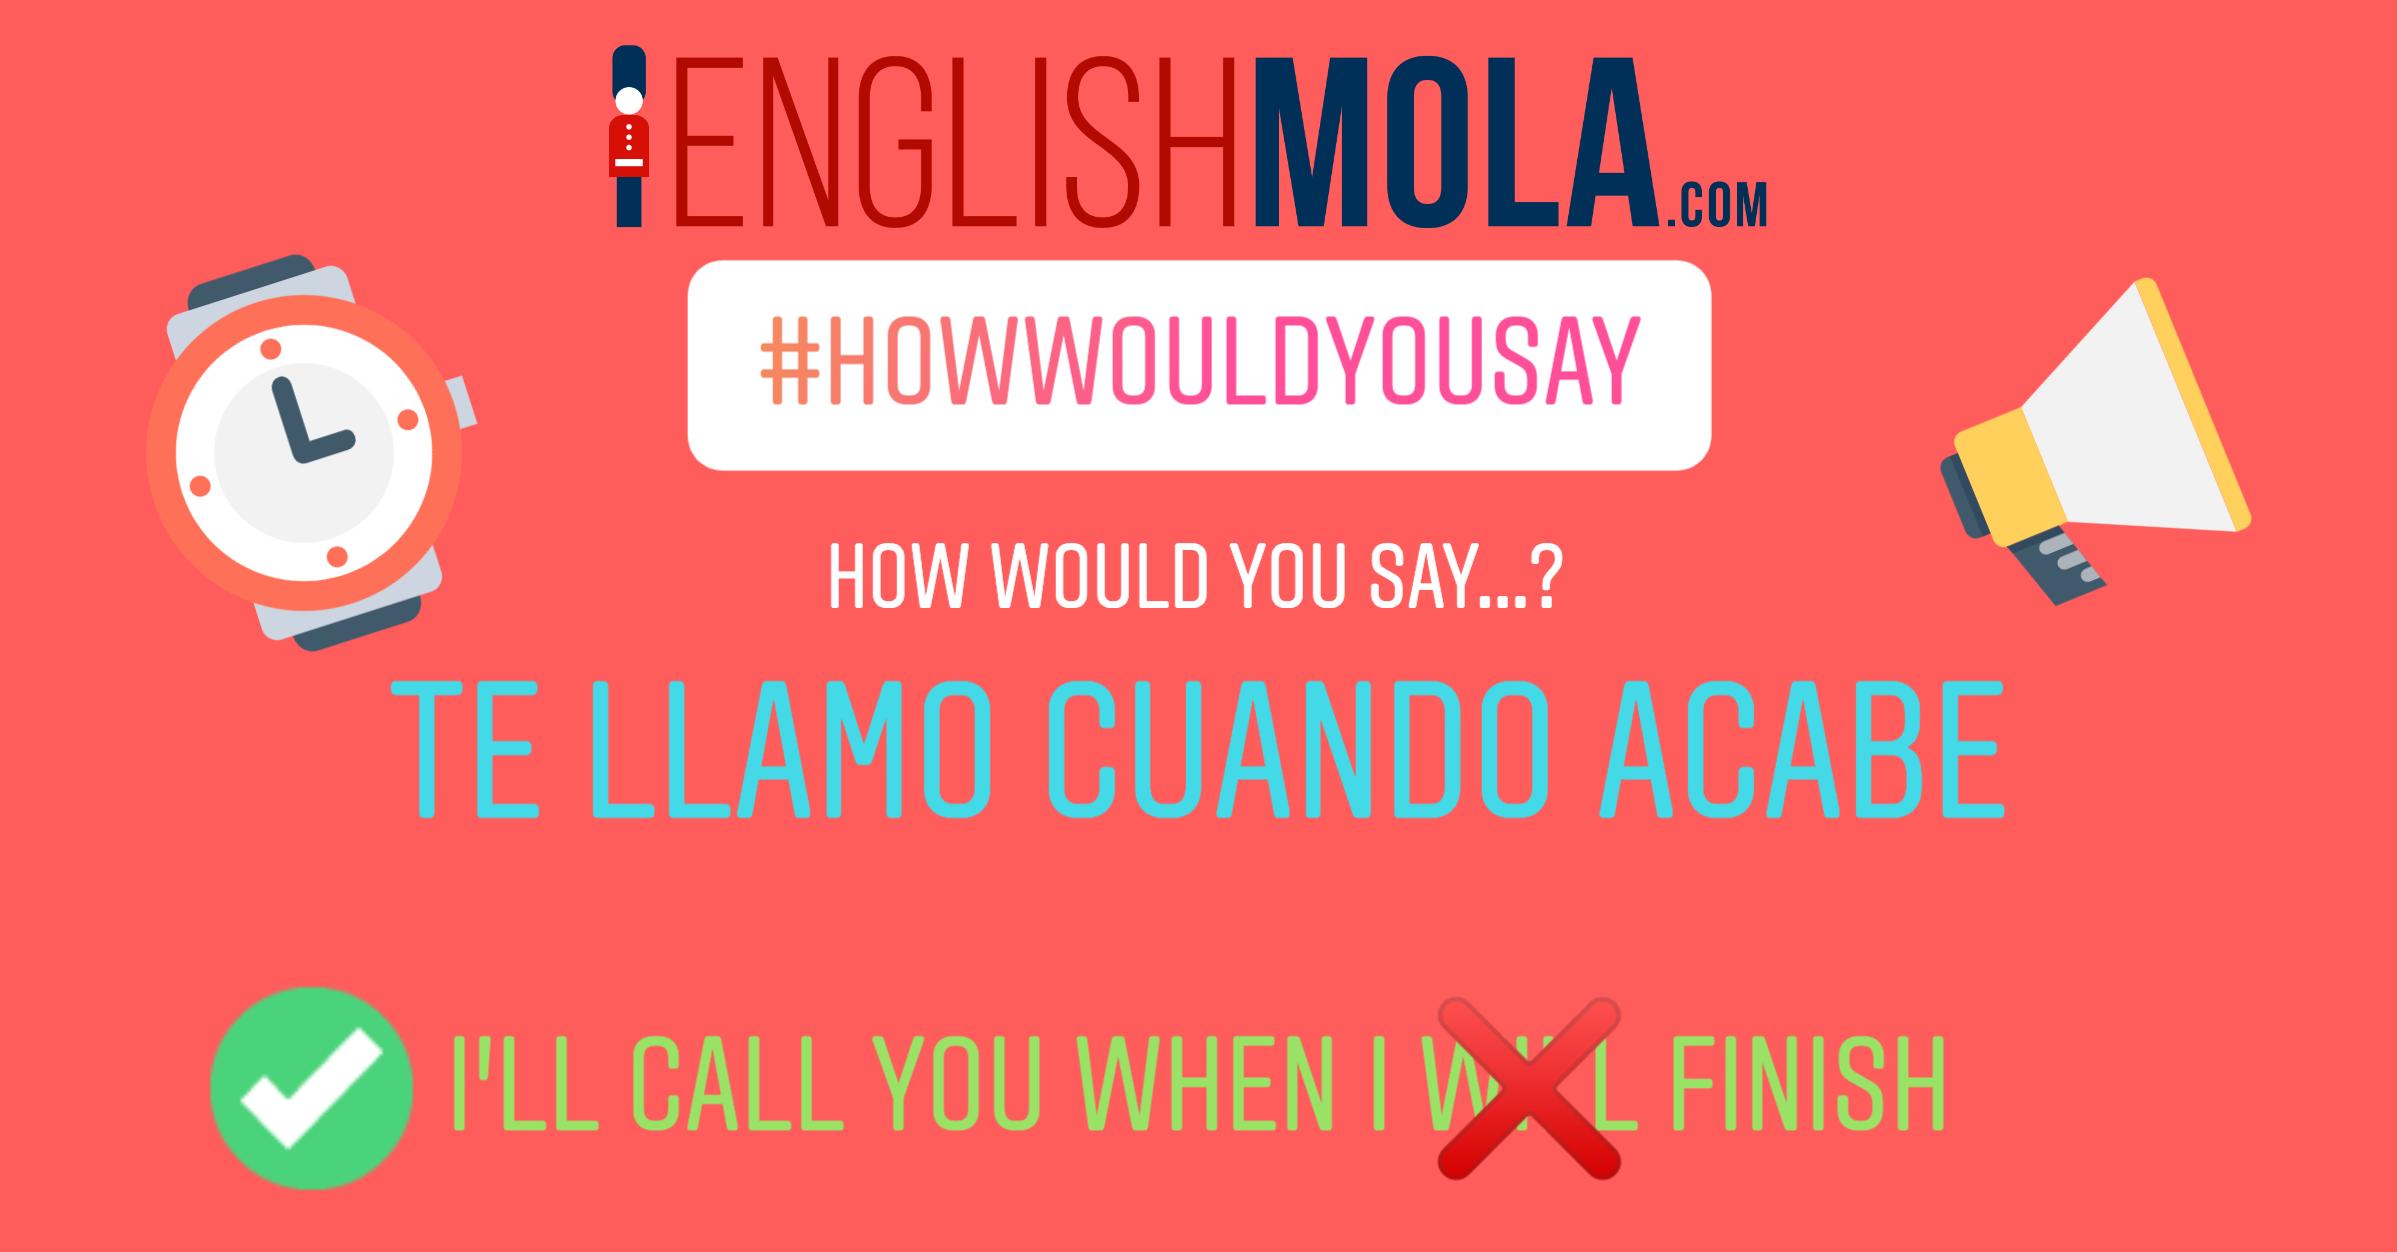 errores comunes en inglés when y presente simple en inglés